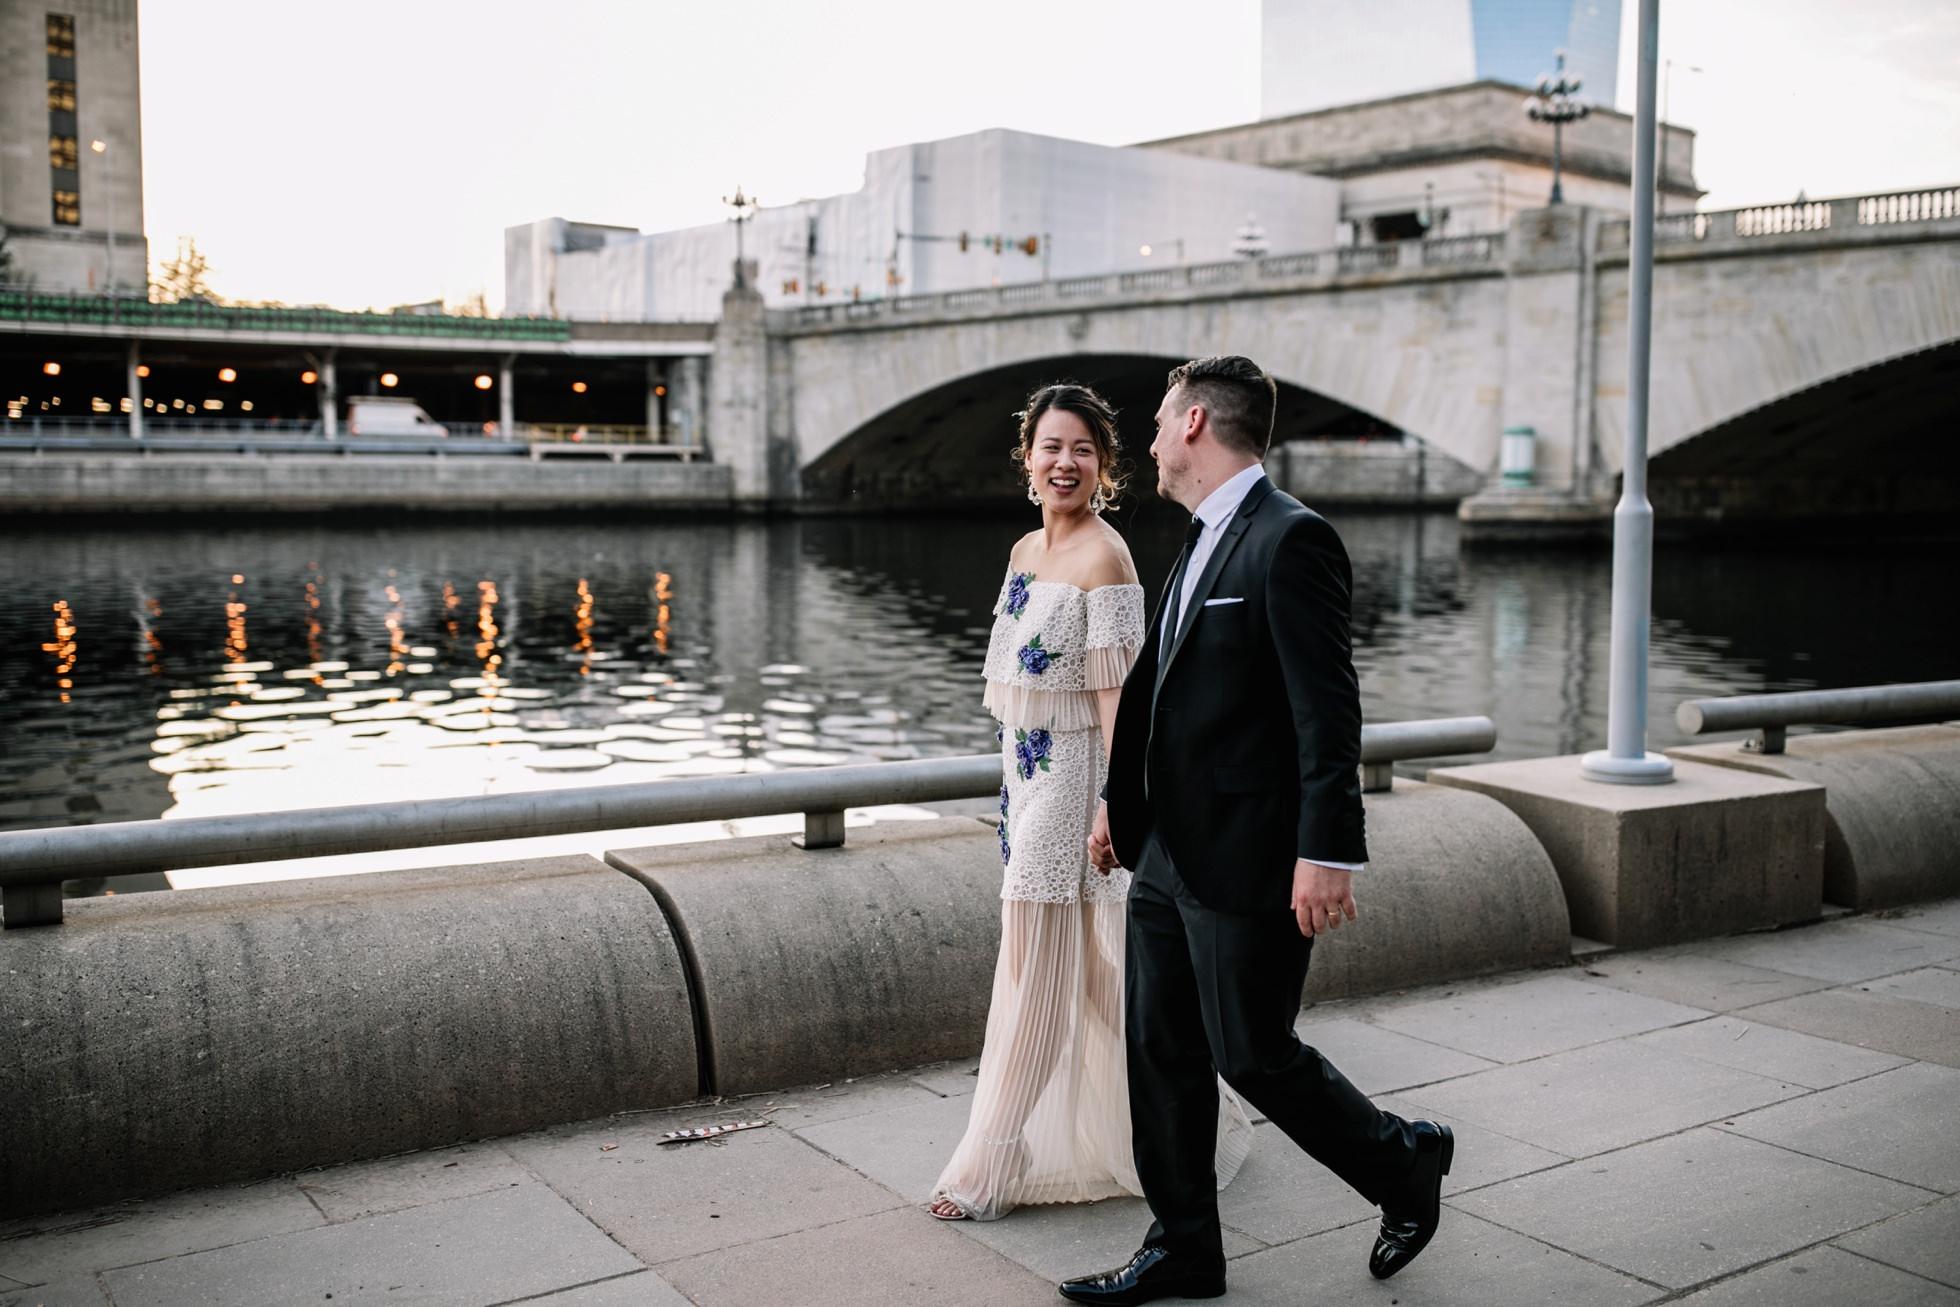 schuylkill river park wedding photos